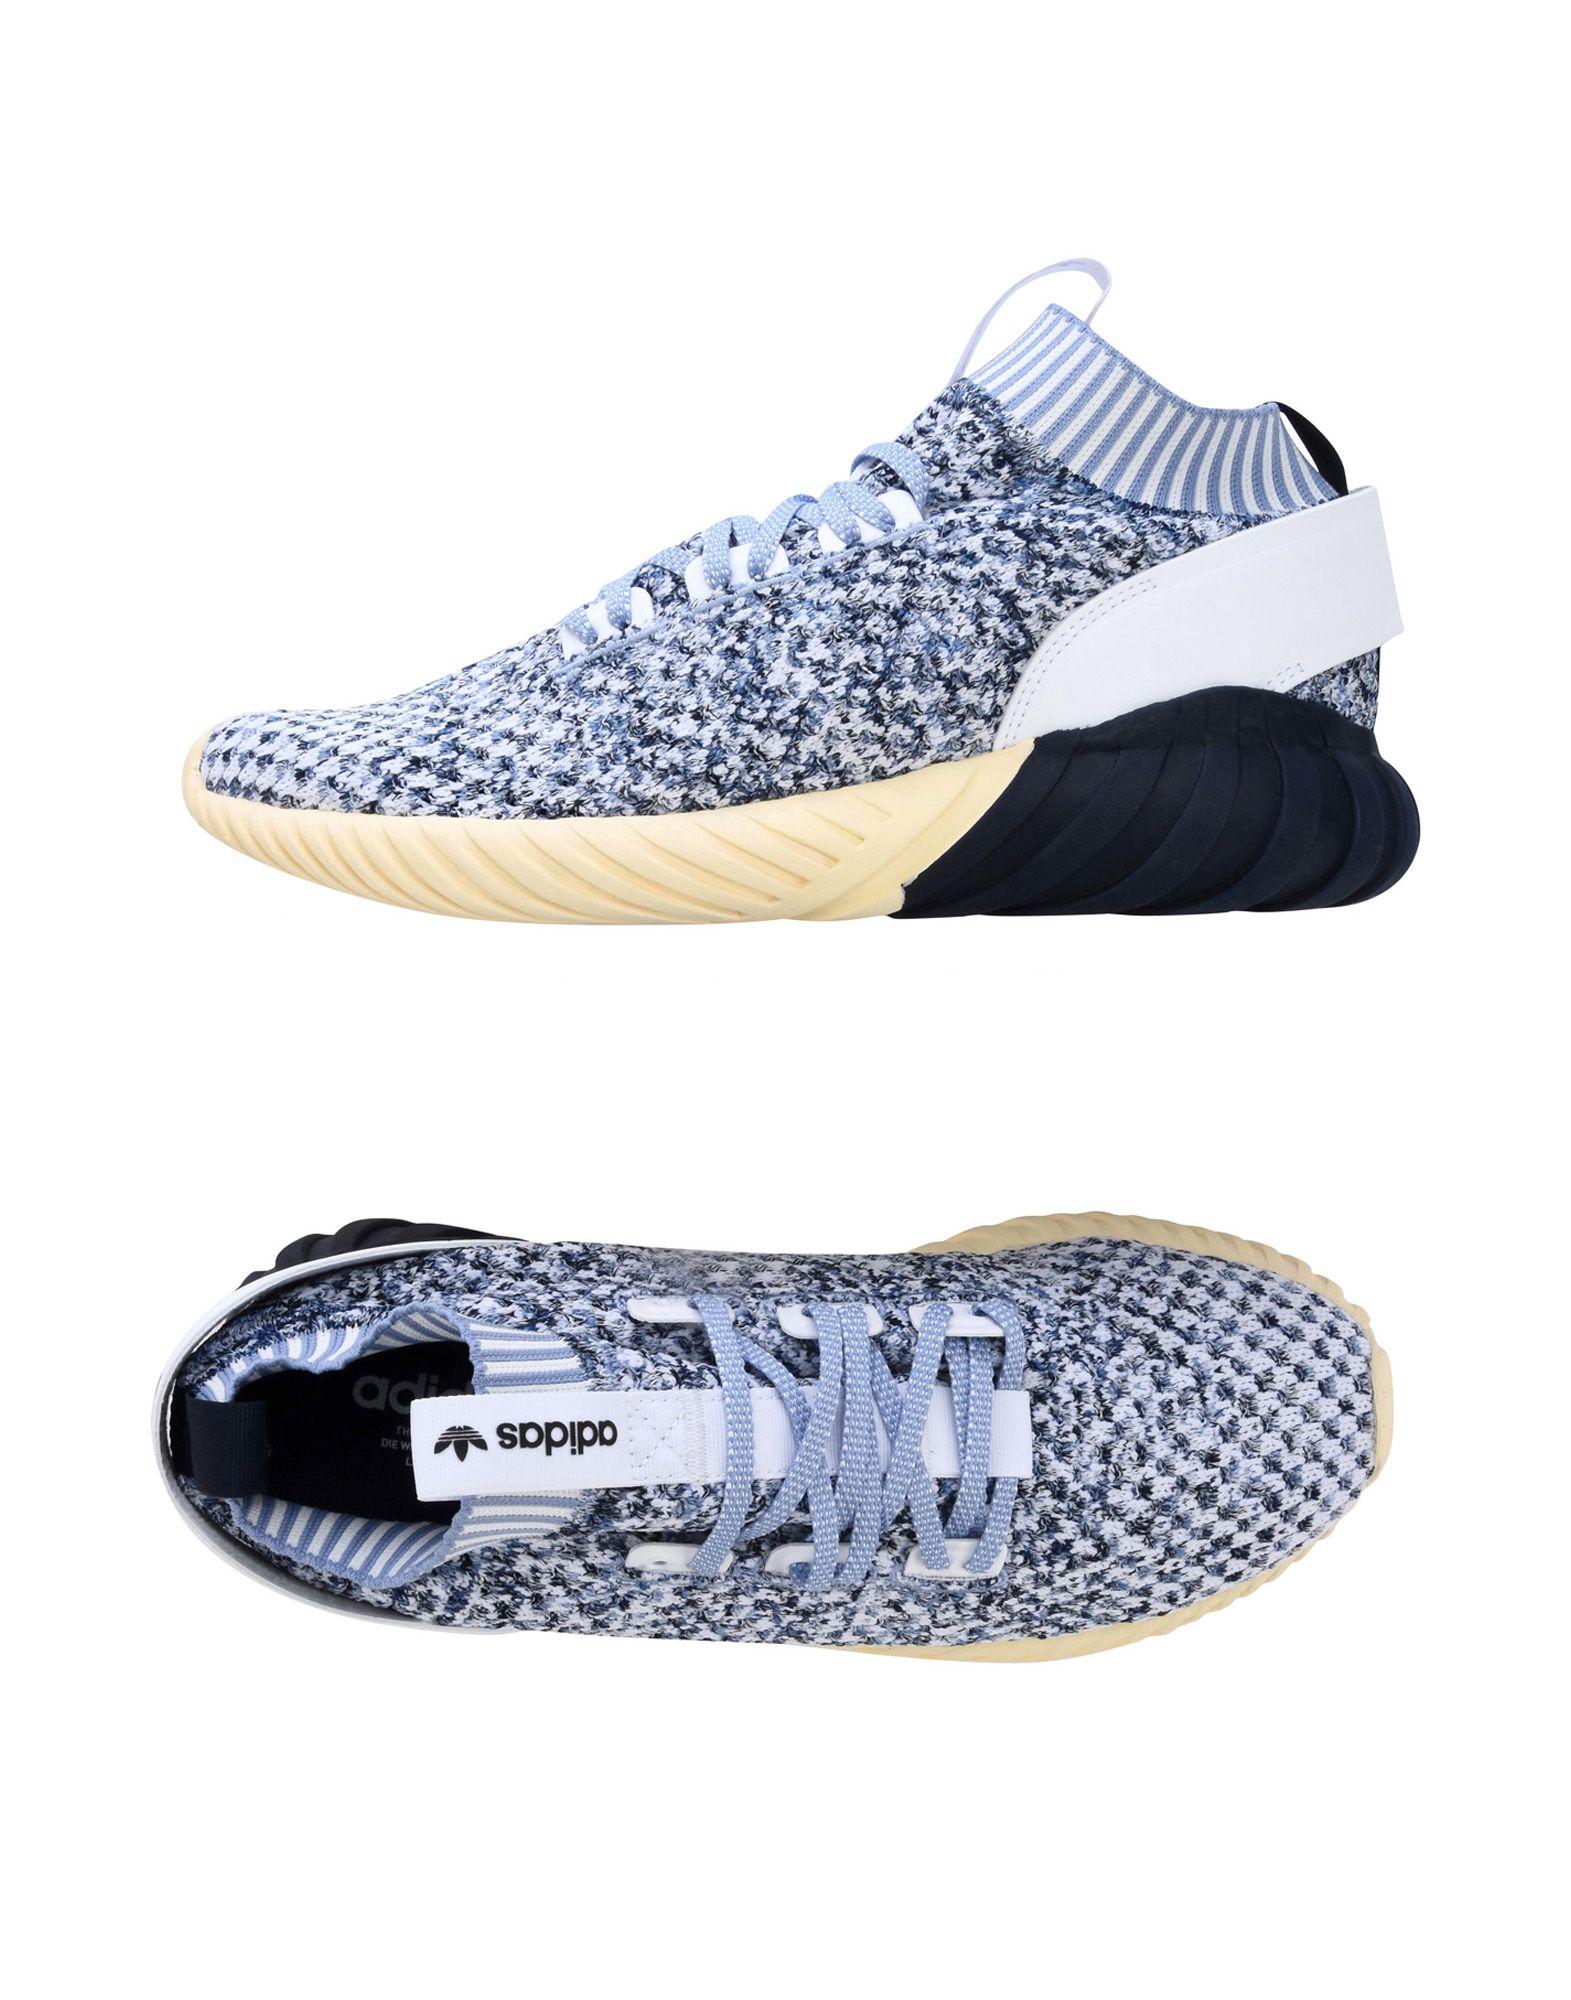 Scarpe da Ginnastica Adidas Originals Tubular Doom Sock Pk - Uomo - 11450170OS